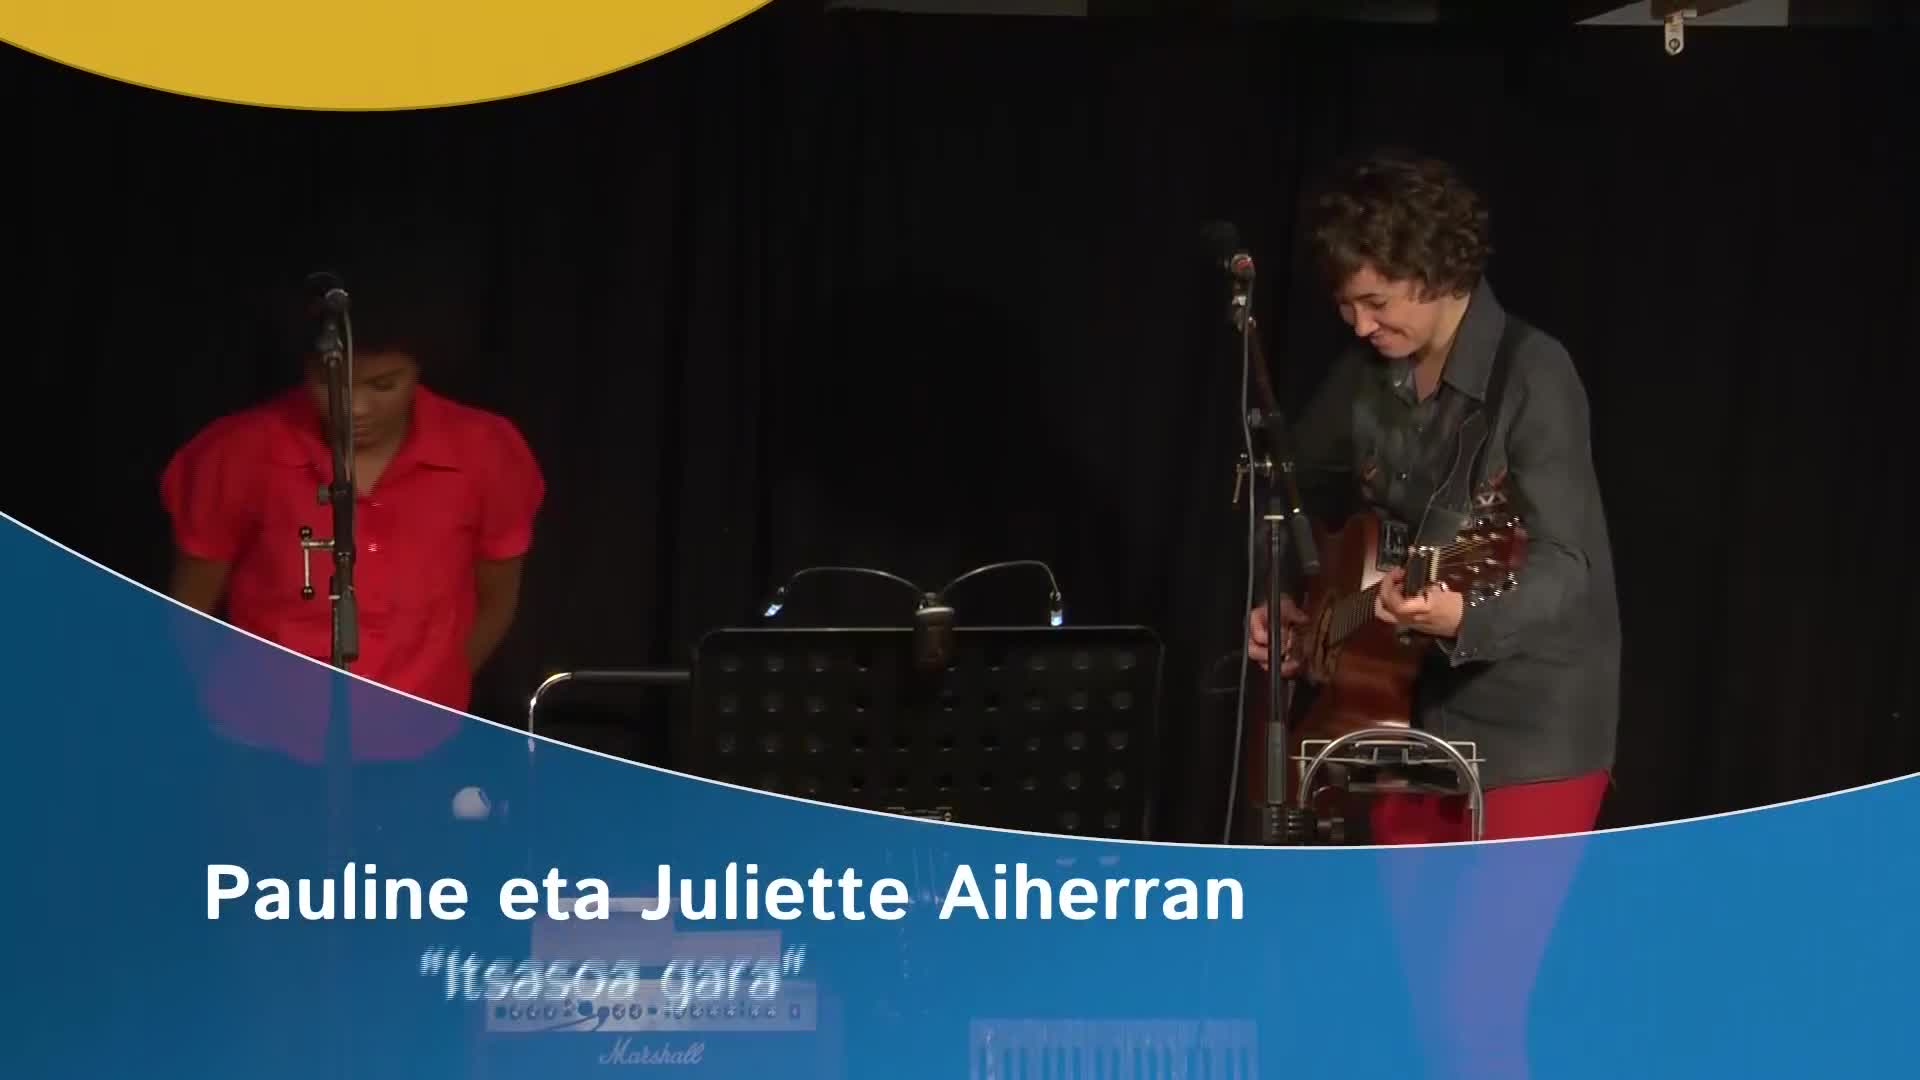 """Pauline eta Juliette Aiherran: """"Itsasoa gara"""""""